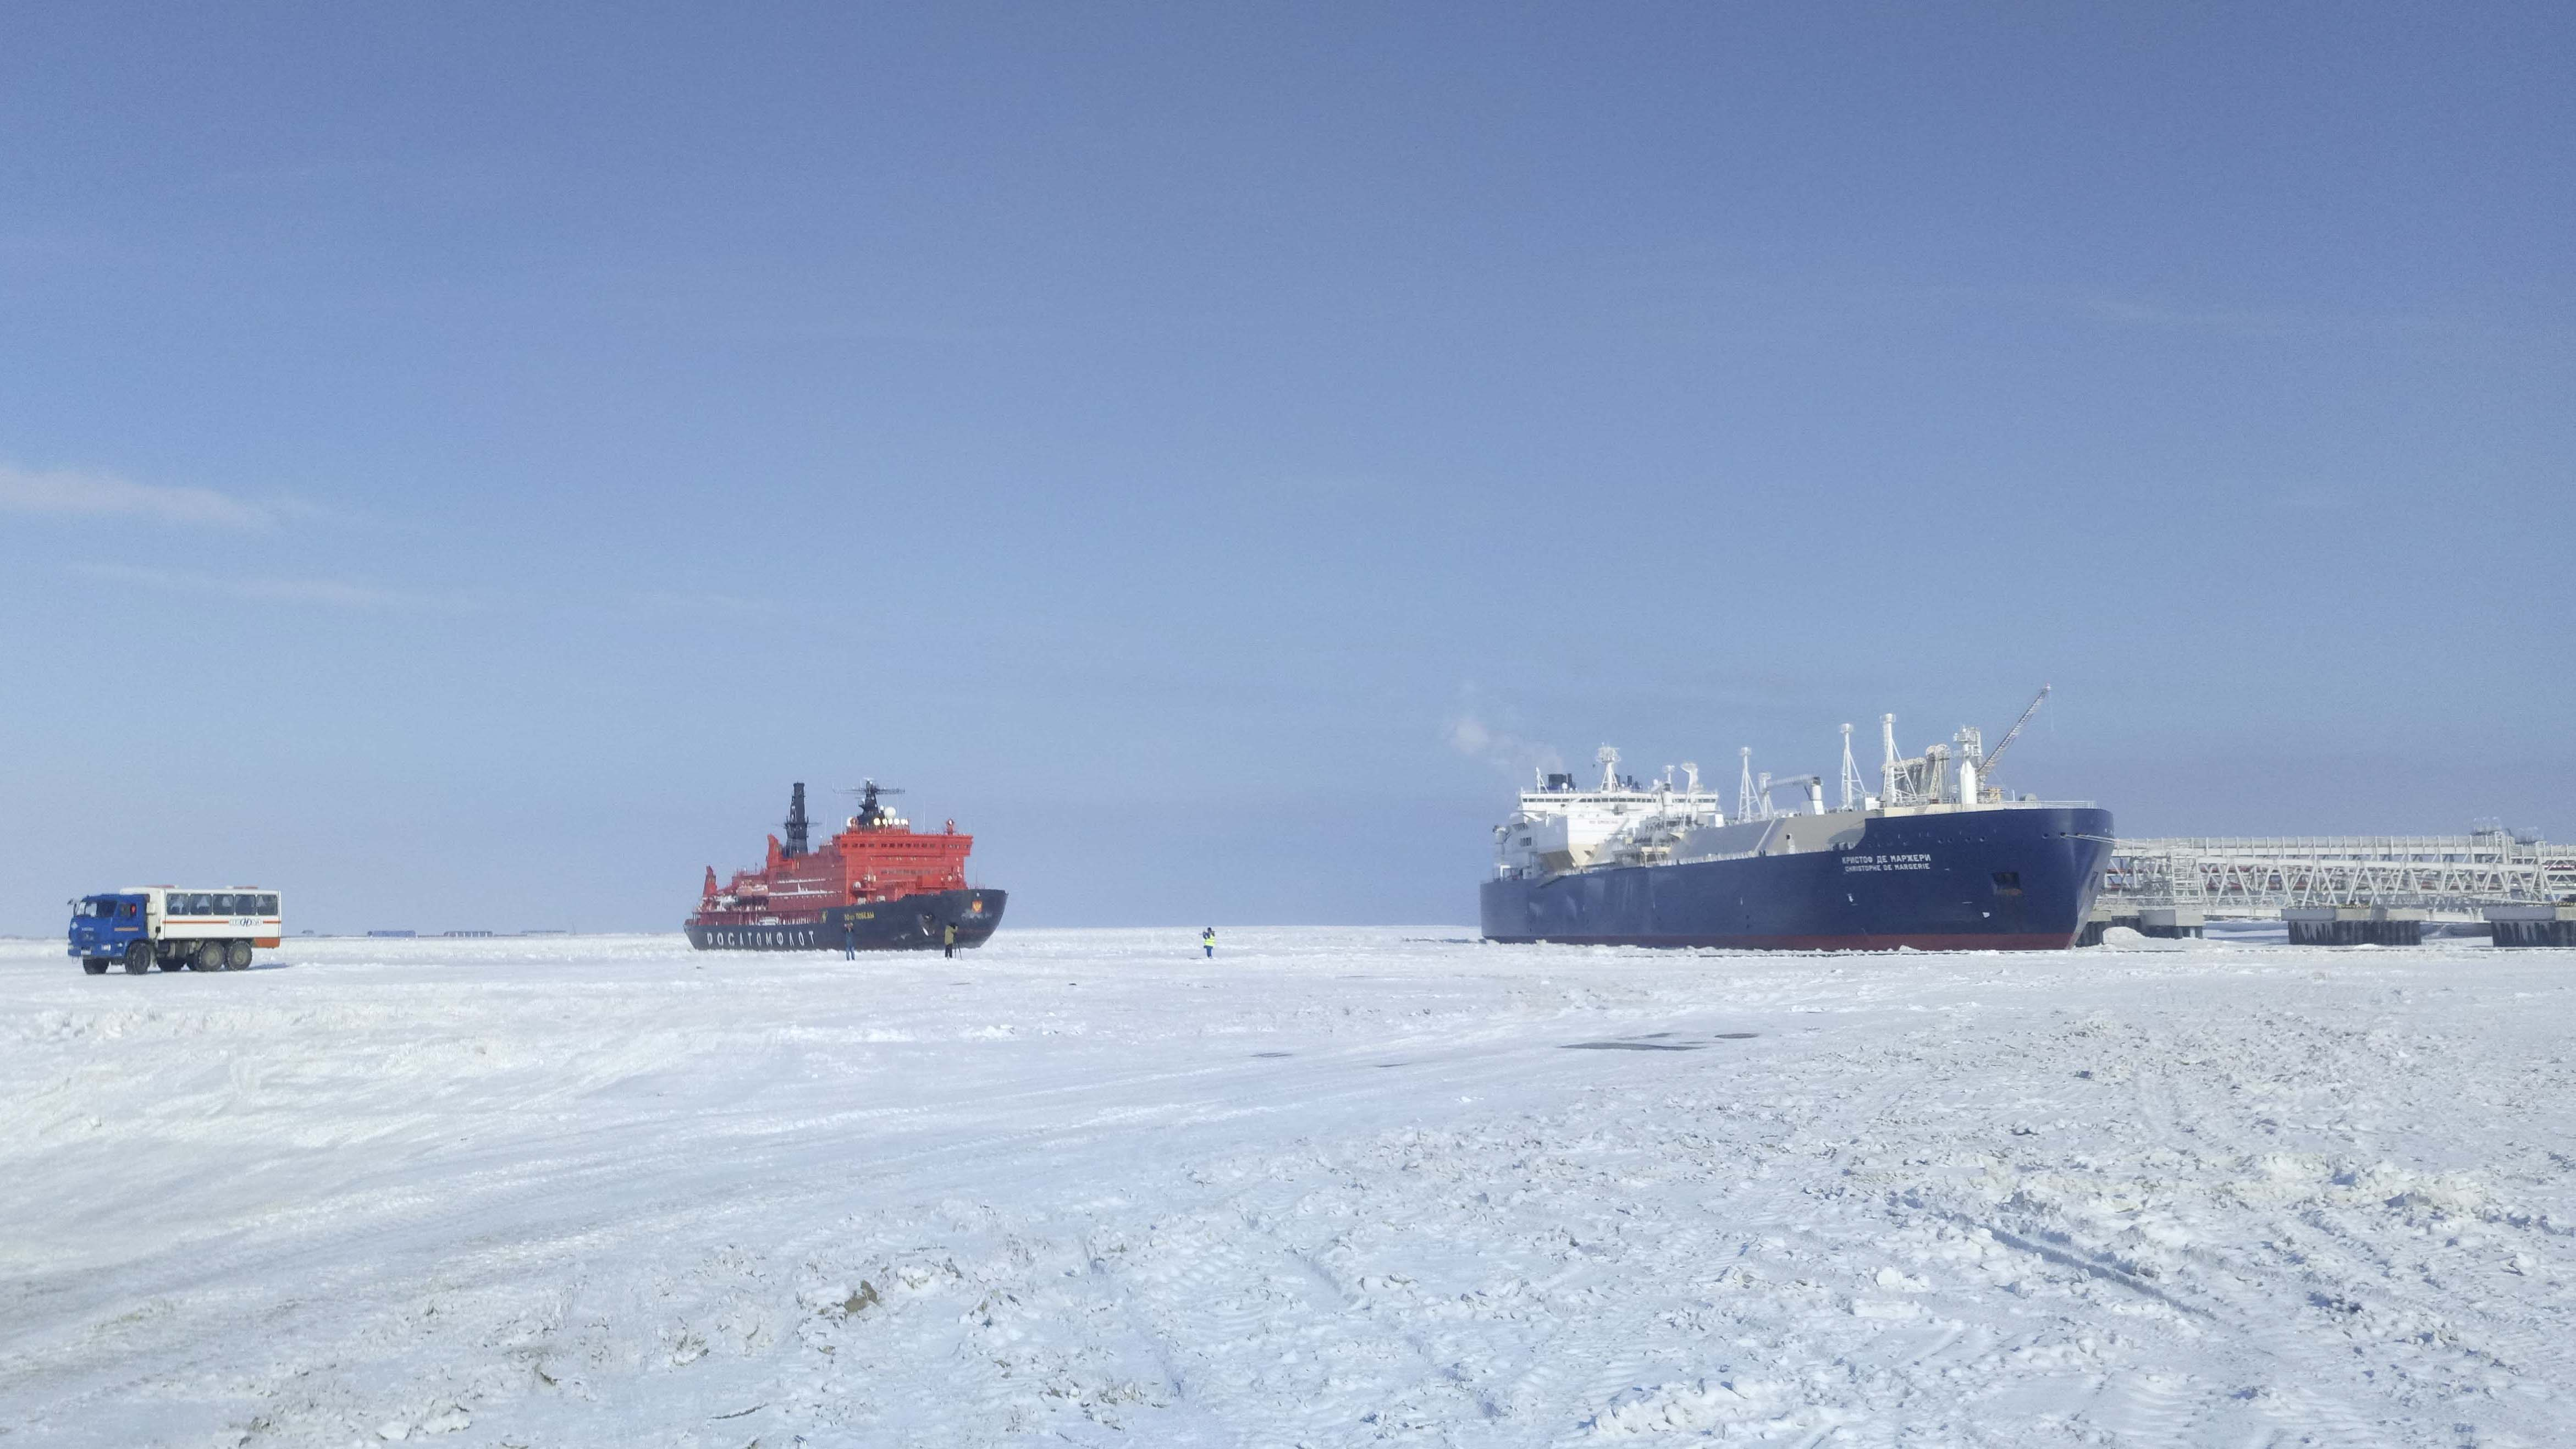 俄羅斯擁有全球最大的破冰船隊,近年積極開通北冰洋的東北航道。(路透社)